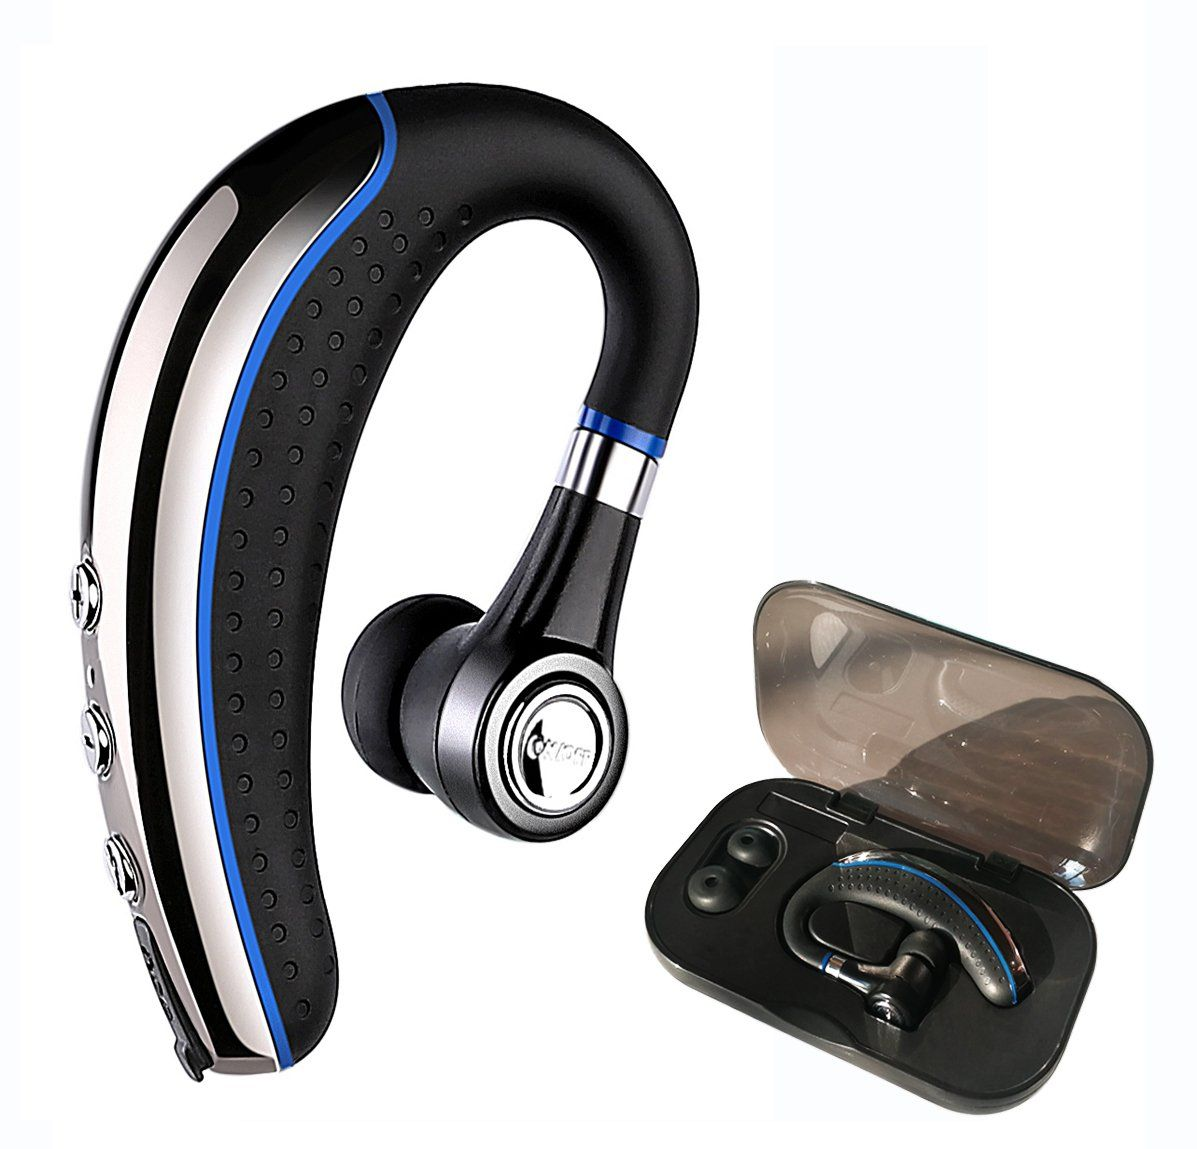 09882b56d9d Bluetooth Headset,Ansin A8 Wireless Stereo Earphones V4.1 Bluetooth  Headphones Lightweight Earpieces In